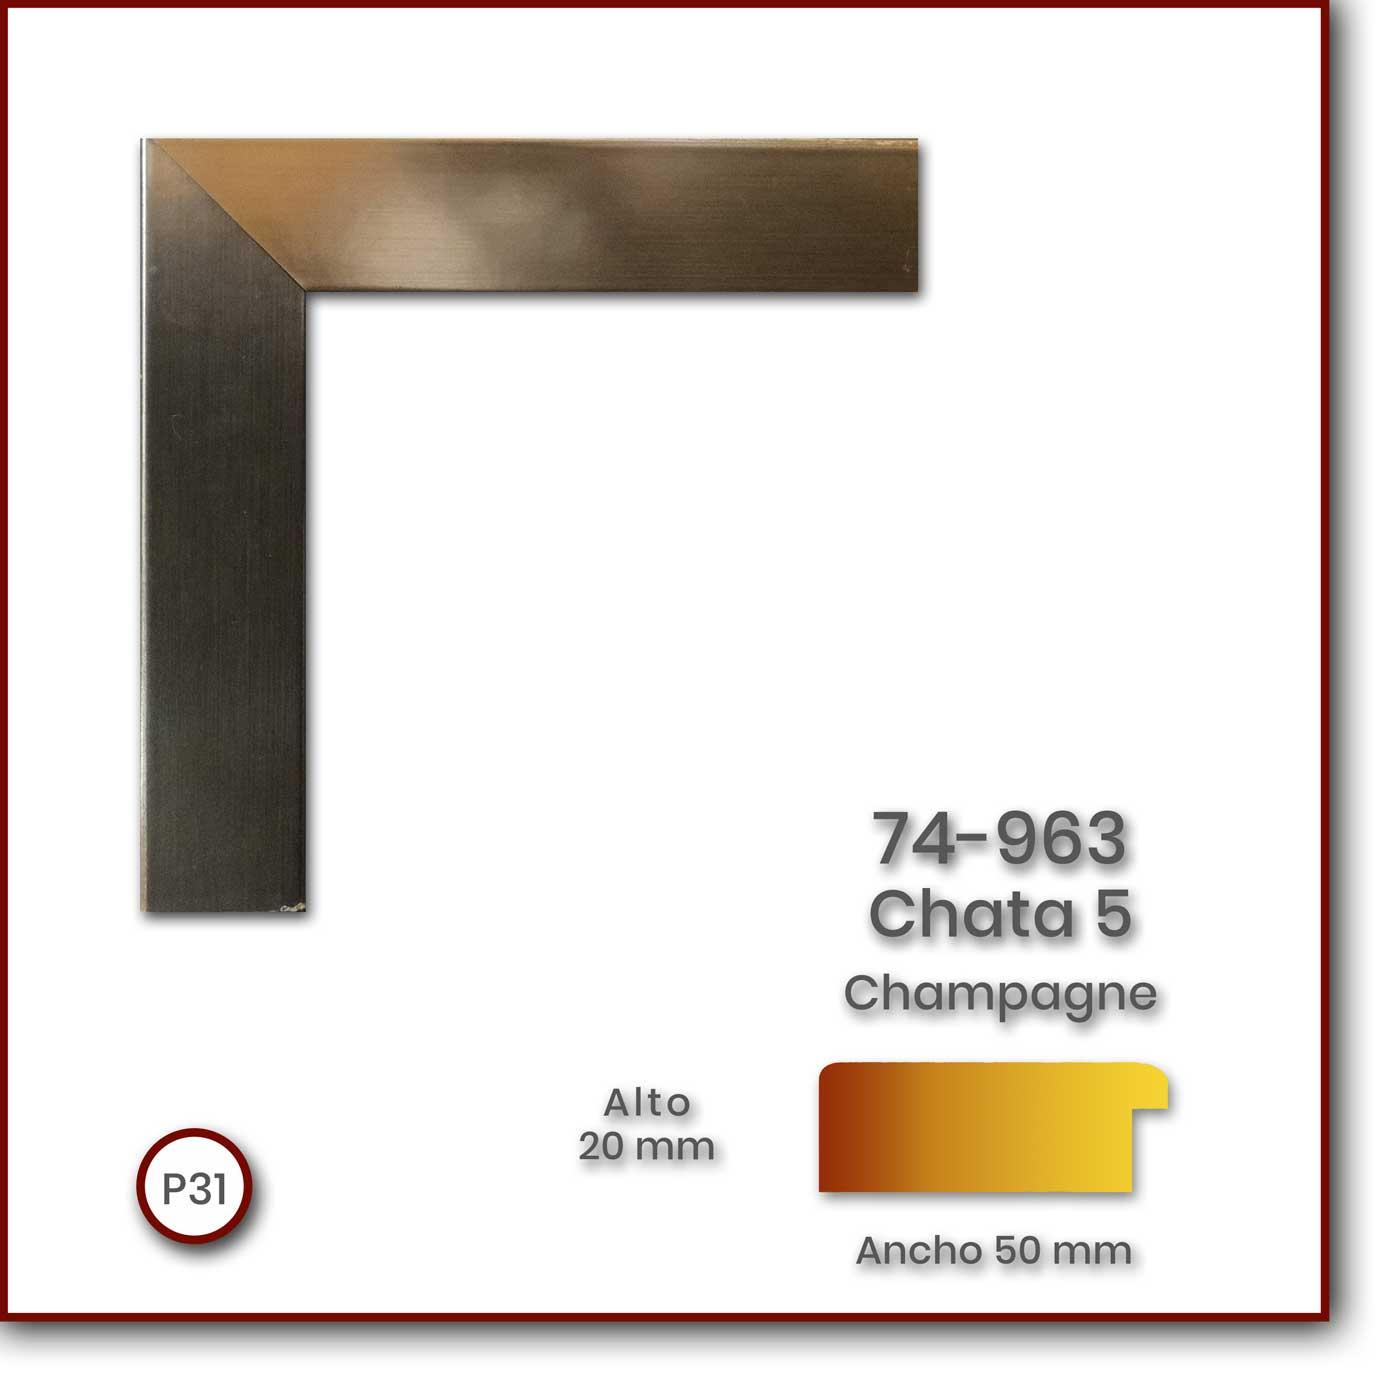 74-963_Chata-5020_Champagne_50x20_P31